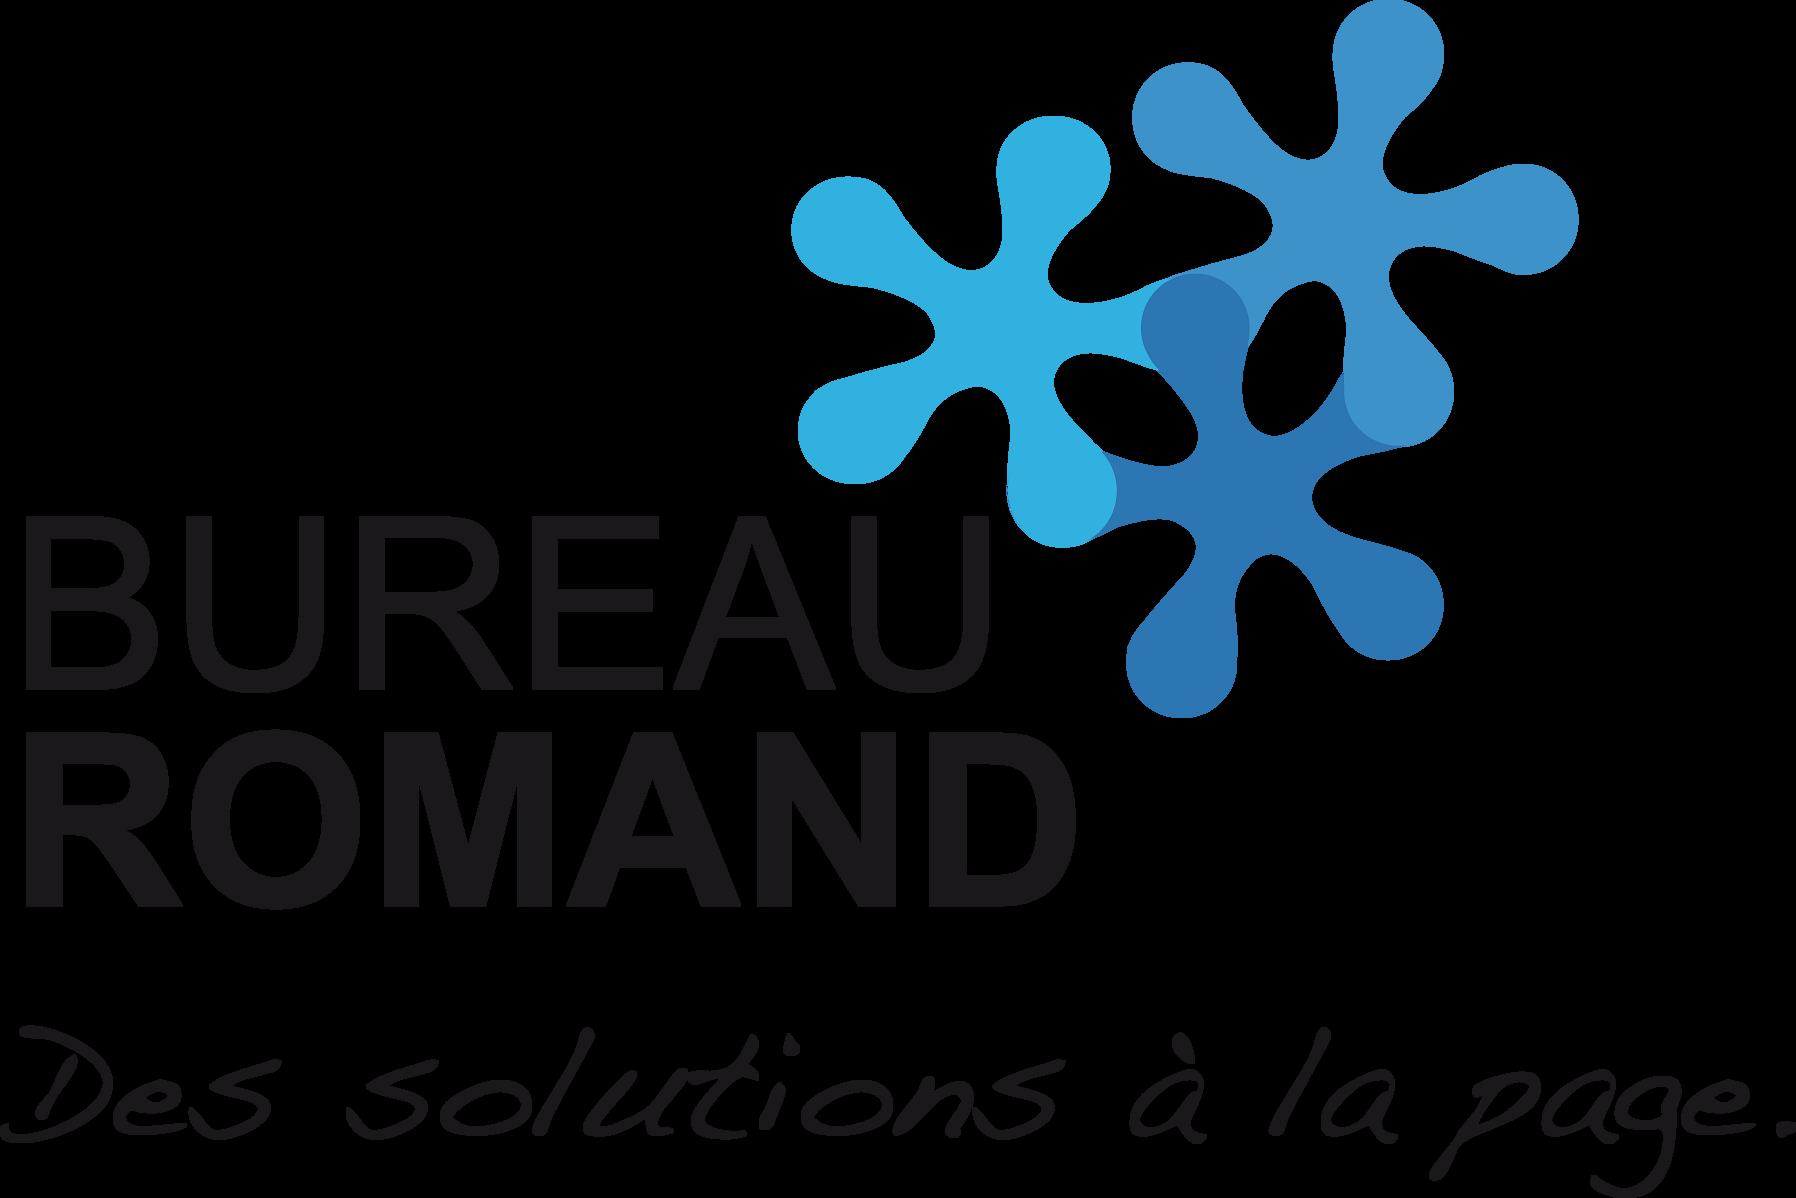 BUREAU ROMAND Sàrl